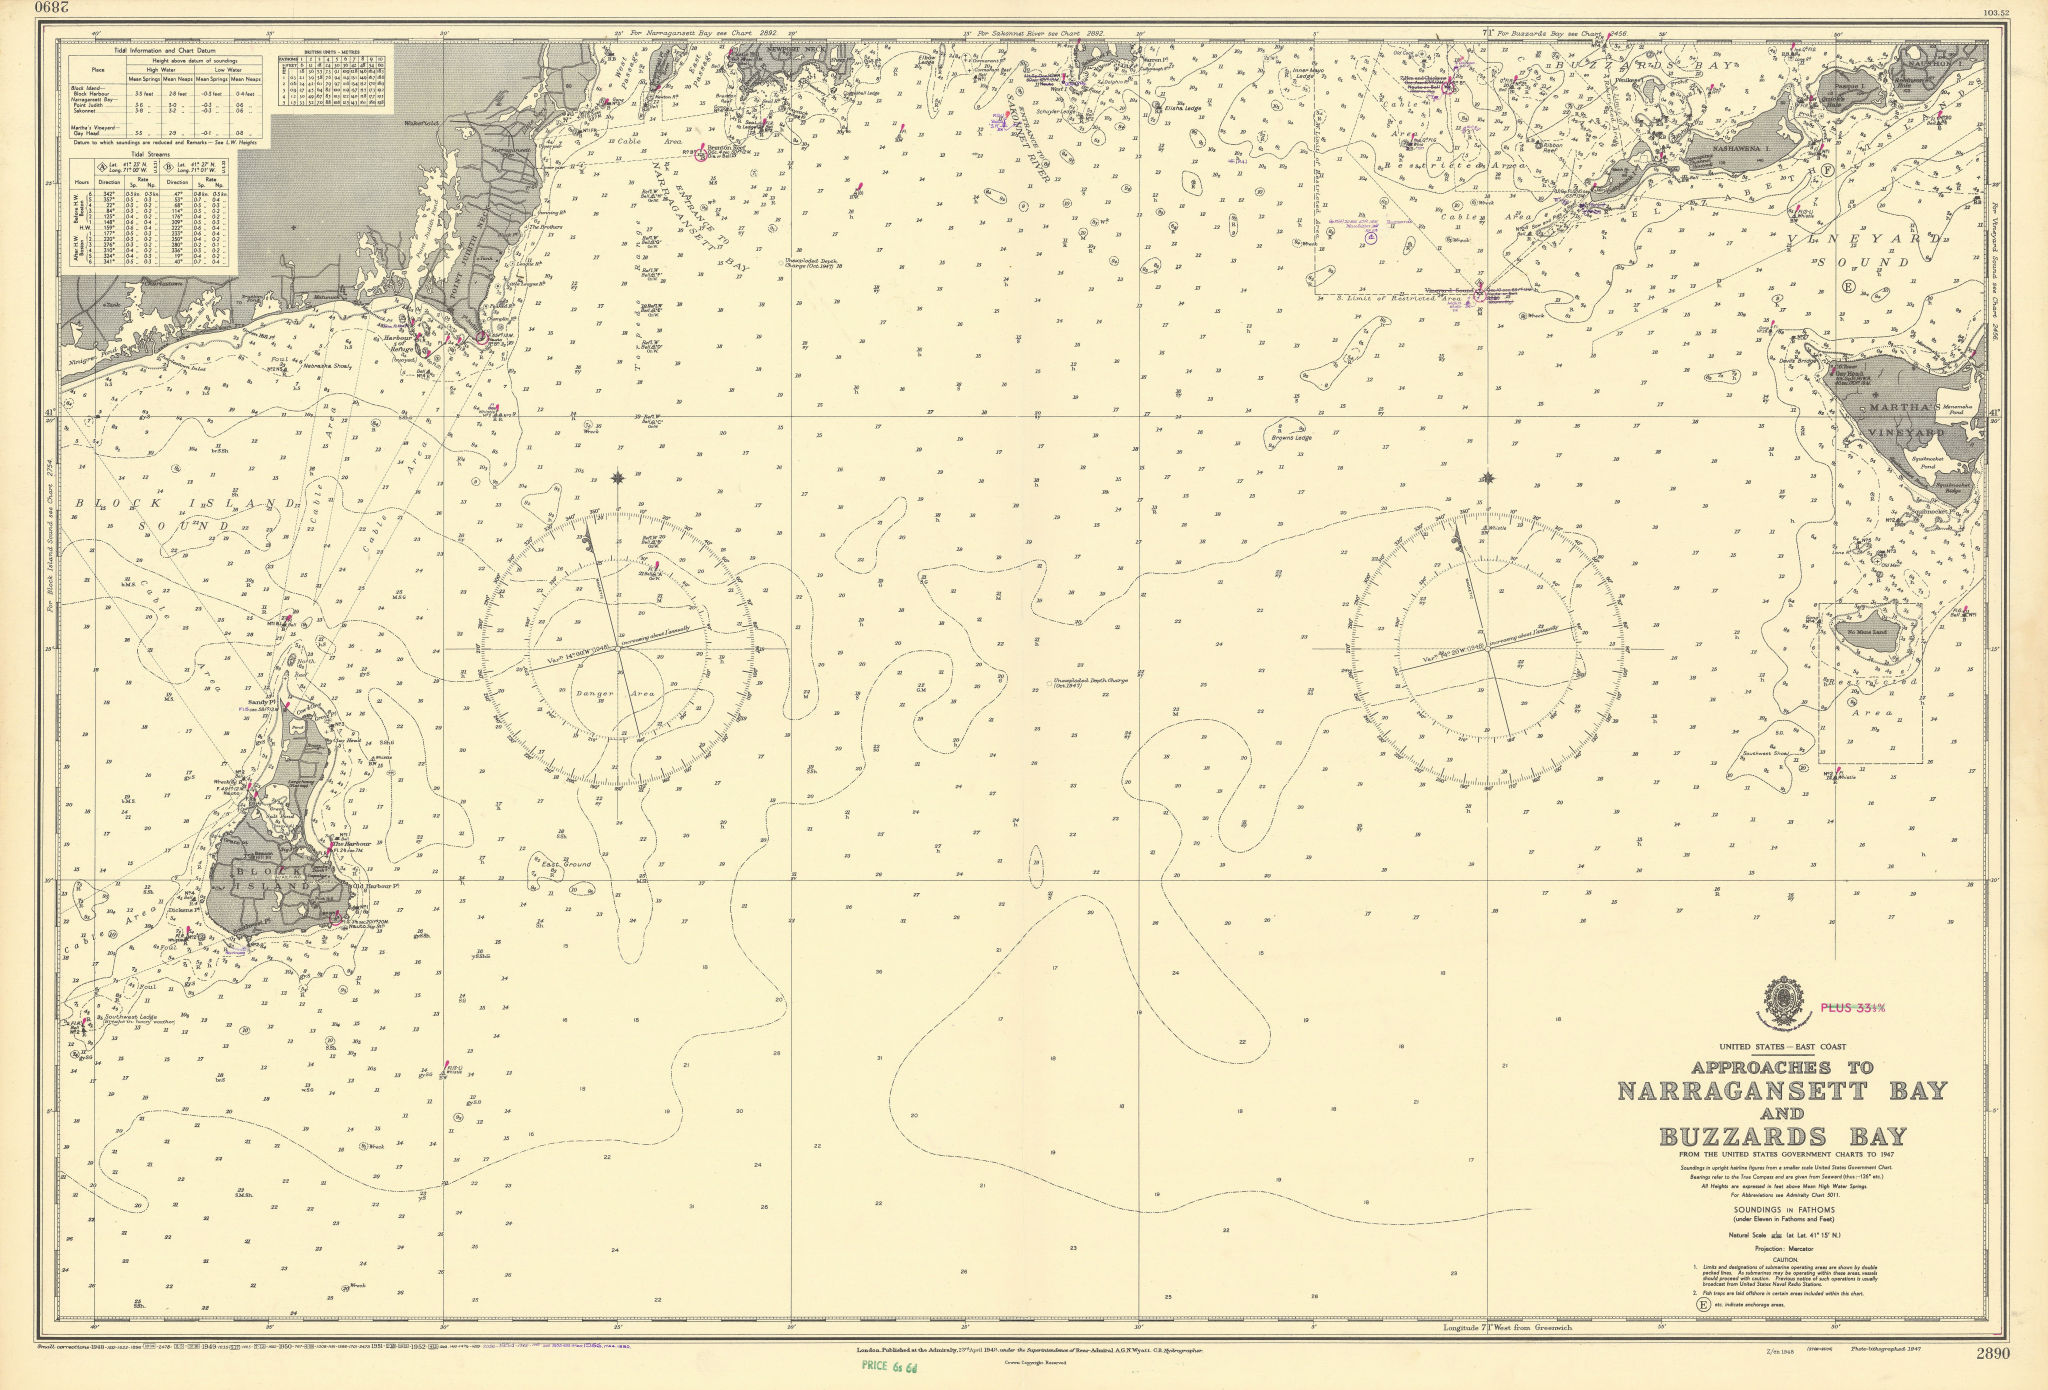 Narragansett Buzzards Bay approach Block Island ADMIRALTY chart 1948 (1956) map